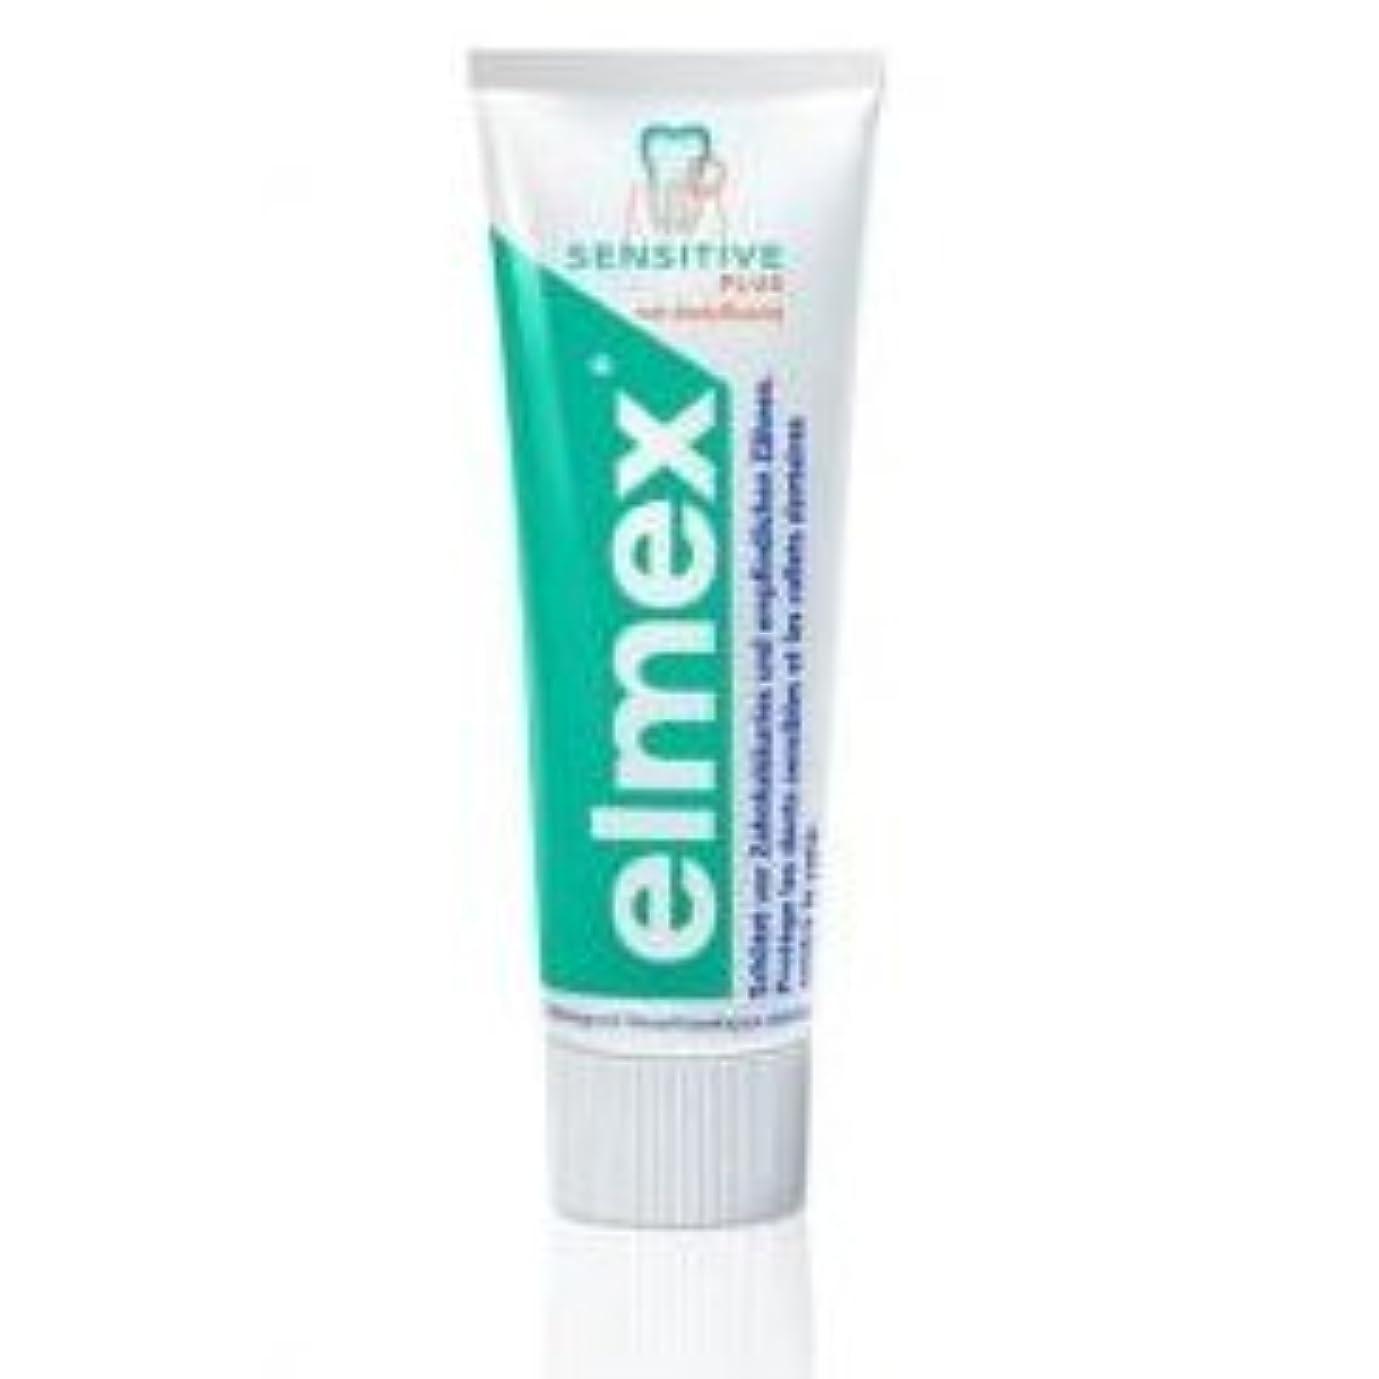 王女支援する論争の的エルメックス センシティブ 歯磨き粉 75ml (elmex sensitive toothpaste 75ml)【並行輸入品】